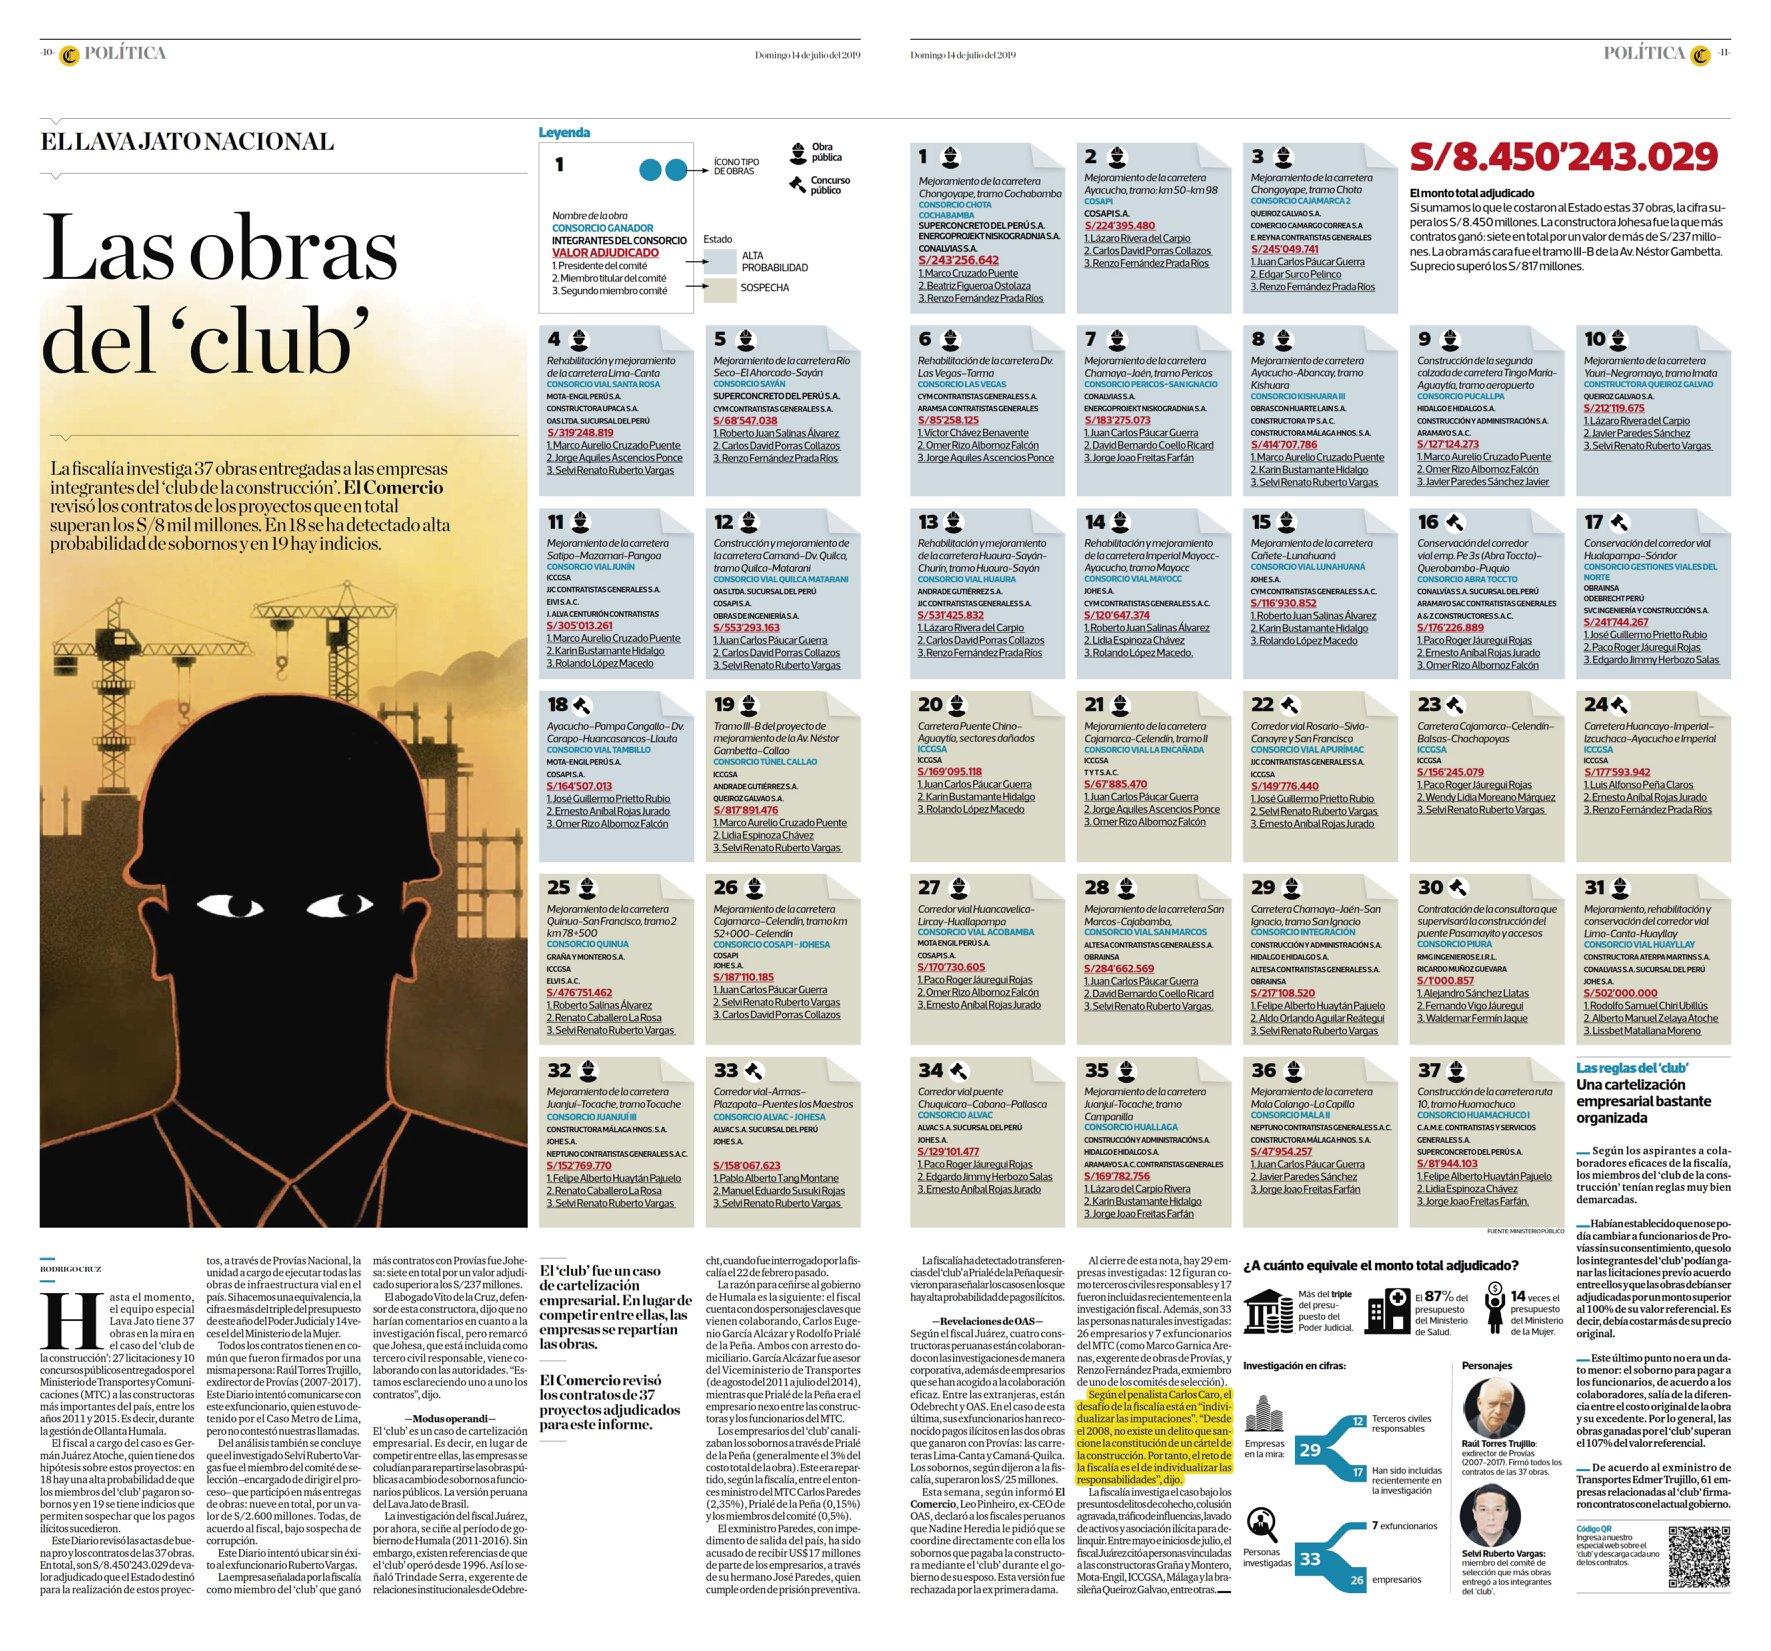 Investigación fiscal por el caso 'Club de la Construcción', por presuntos delitos de cohecho, colusión agravada, tráfico de influencias, lavado de activos y asociación ilícita para delinquir.